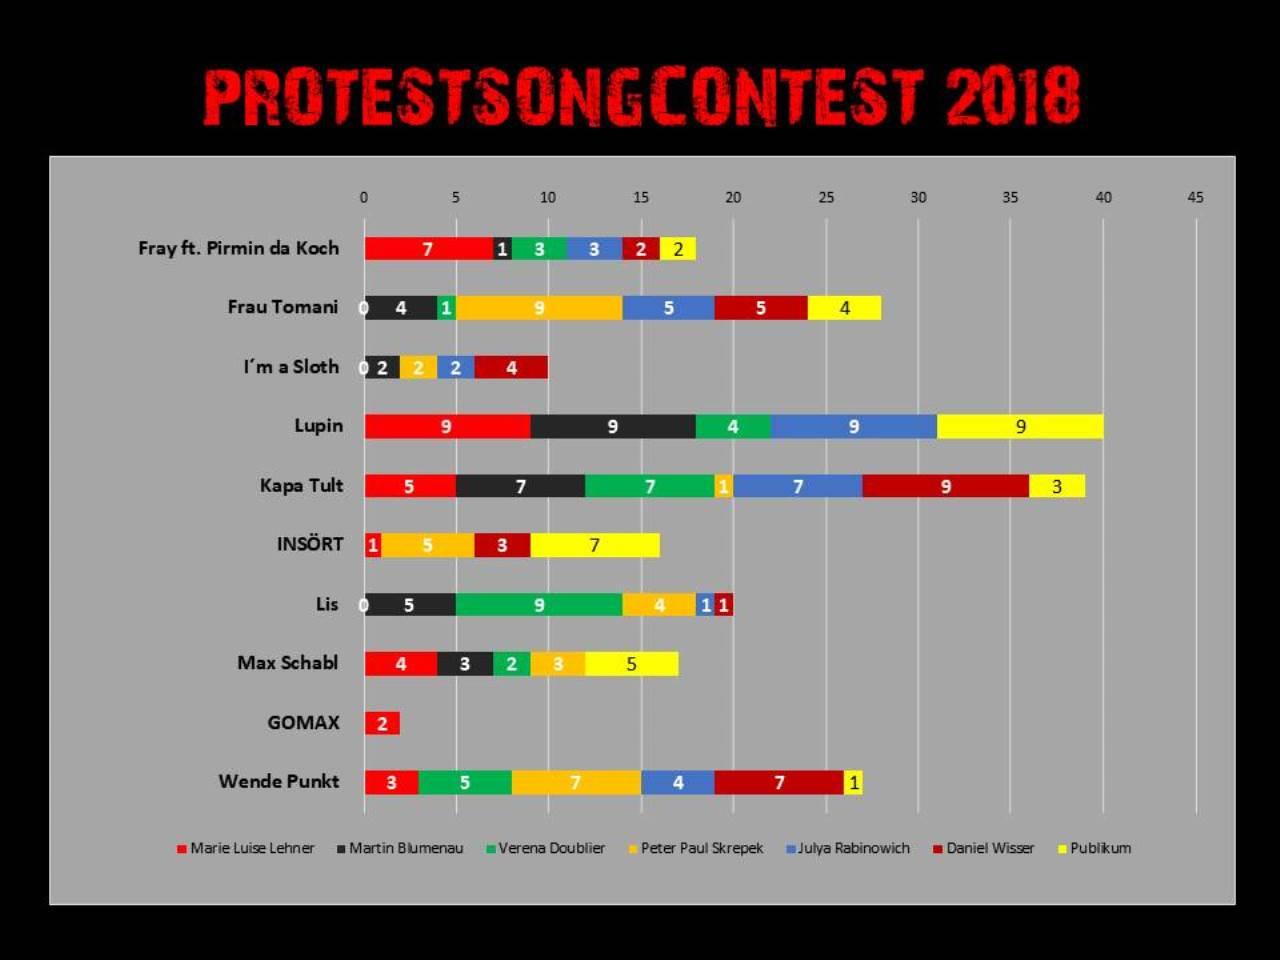 Das Votingergebnis beim Protestsongcontest 2018